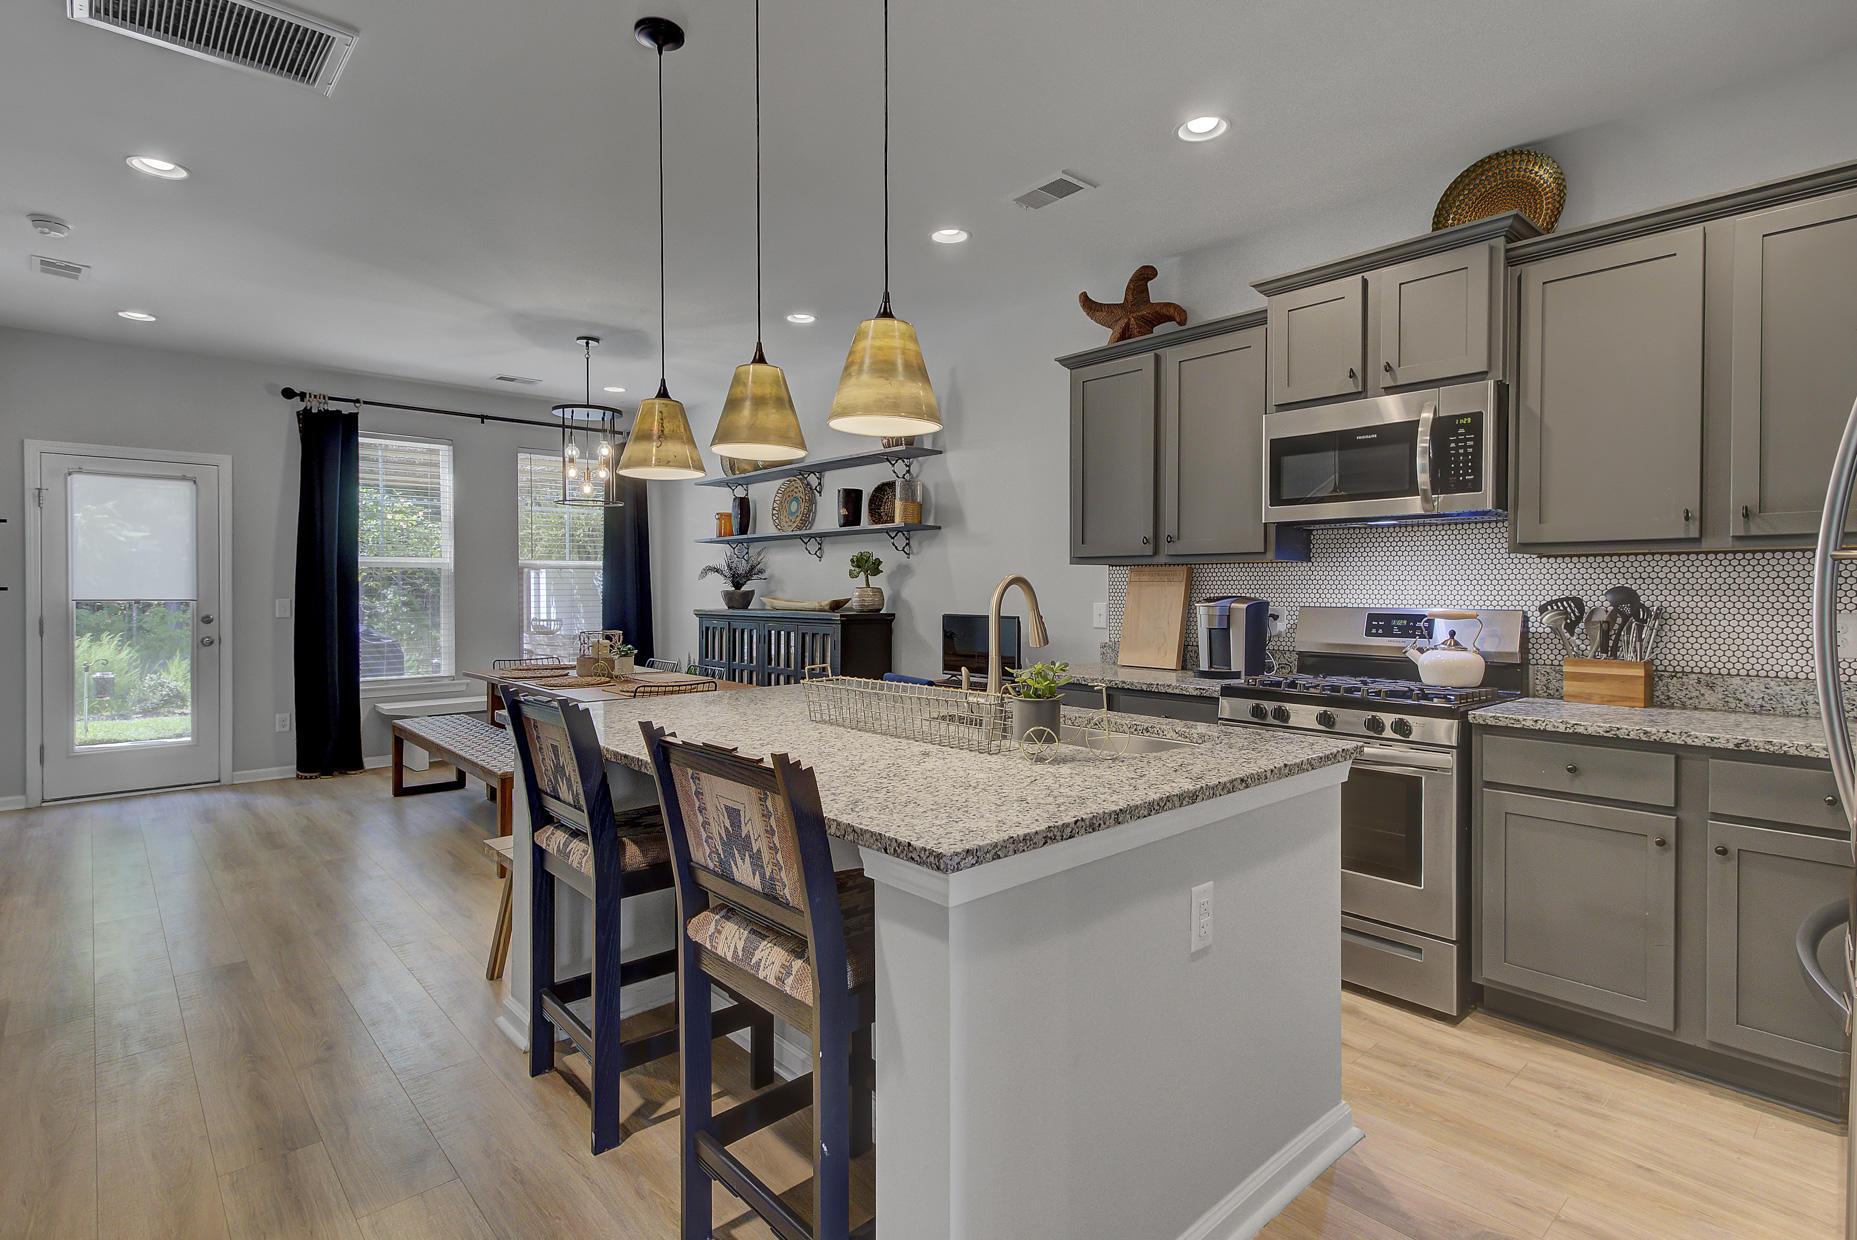 Park West Homes For Sale - 2566 Kingsfield, Mount Pleasant, SC - 5